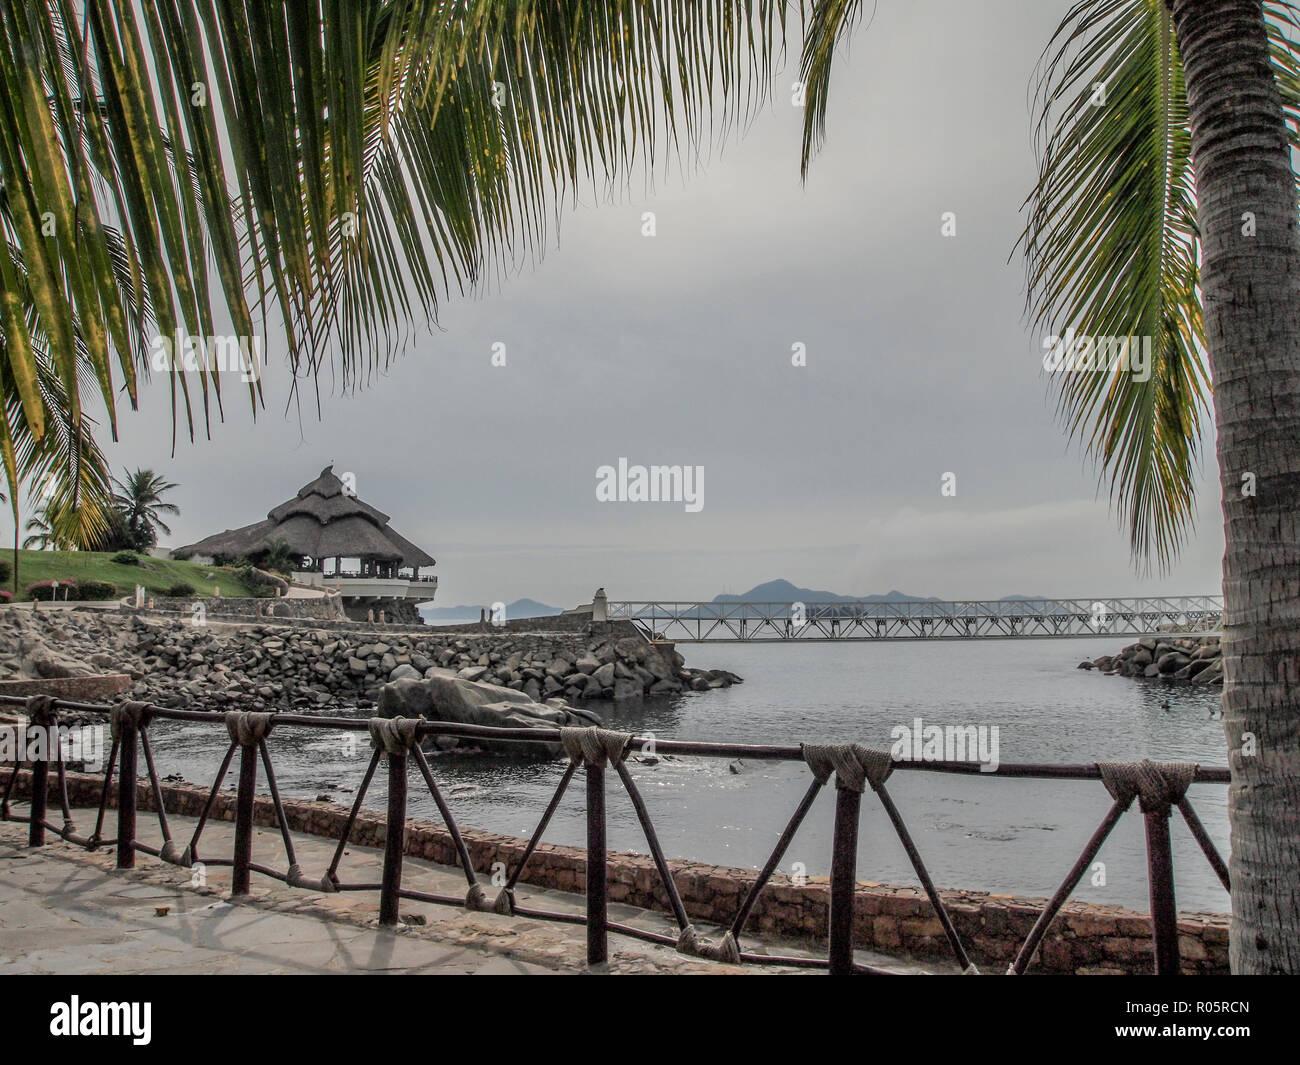 Impresionantes Vistas De La Bahía Y Con Una Terraza Sobre